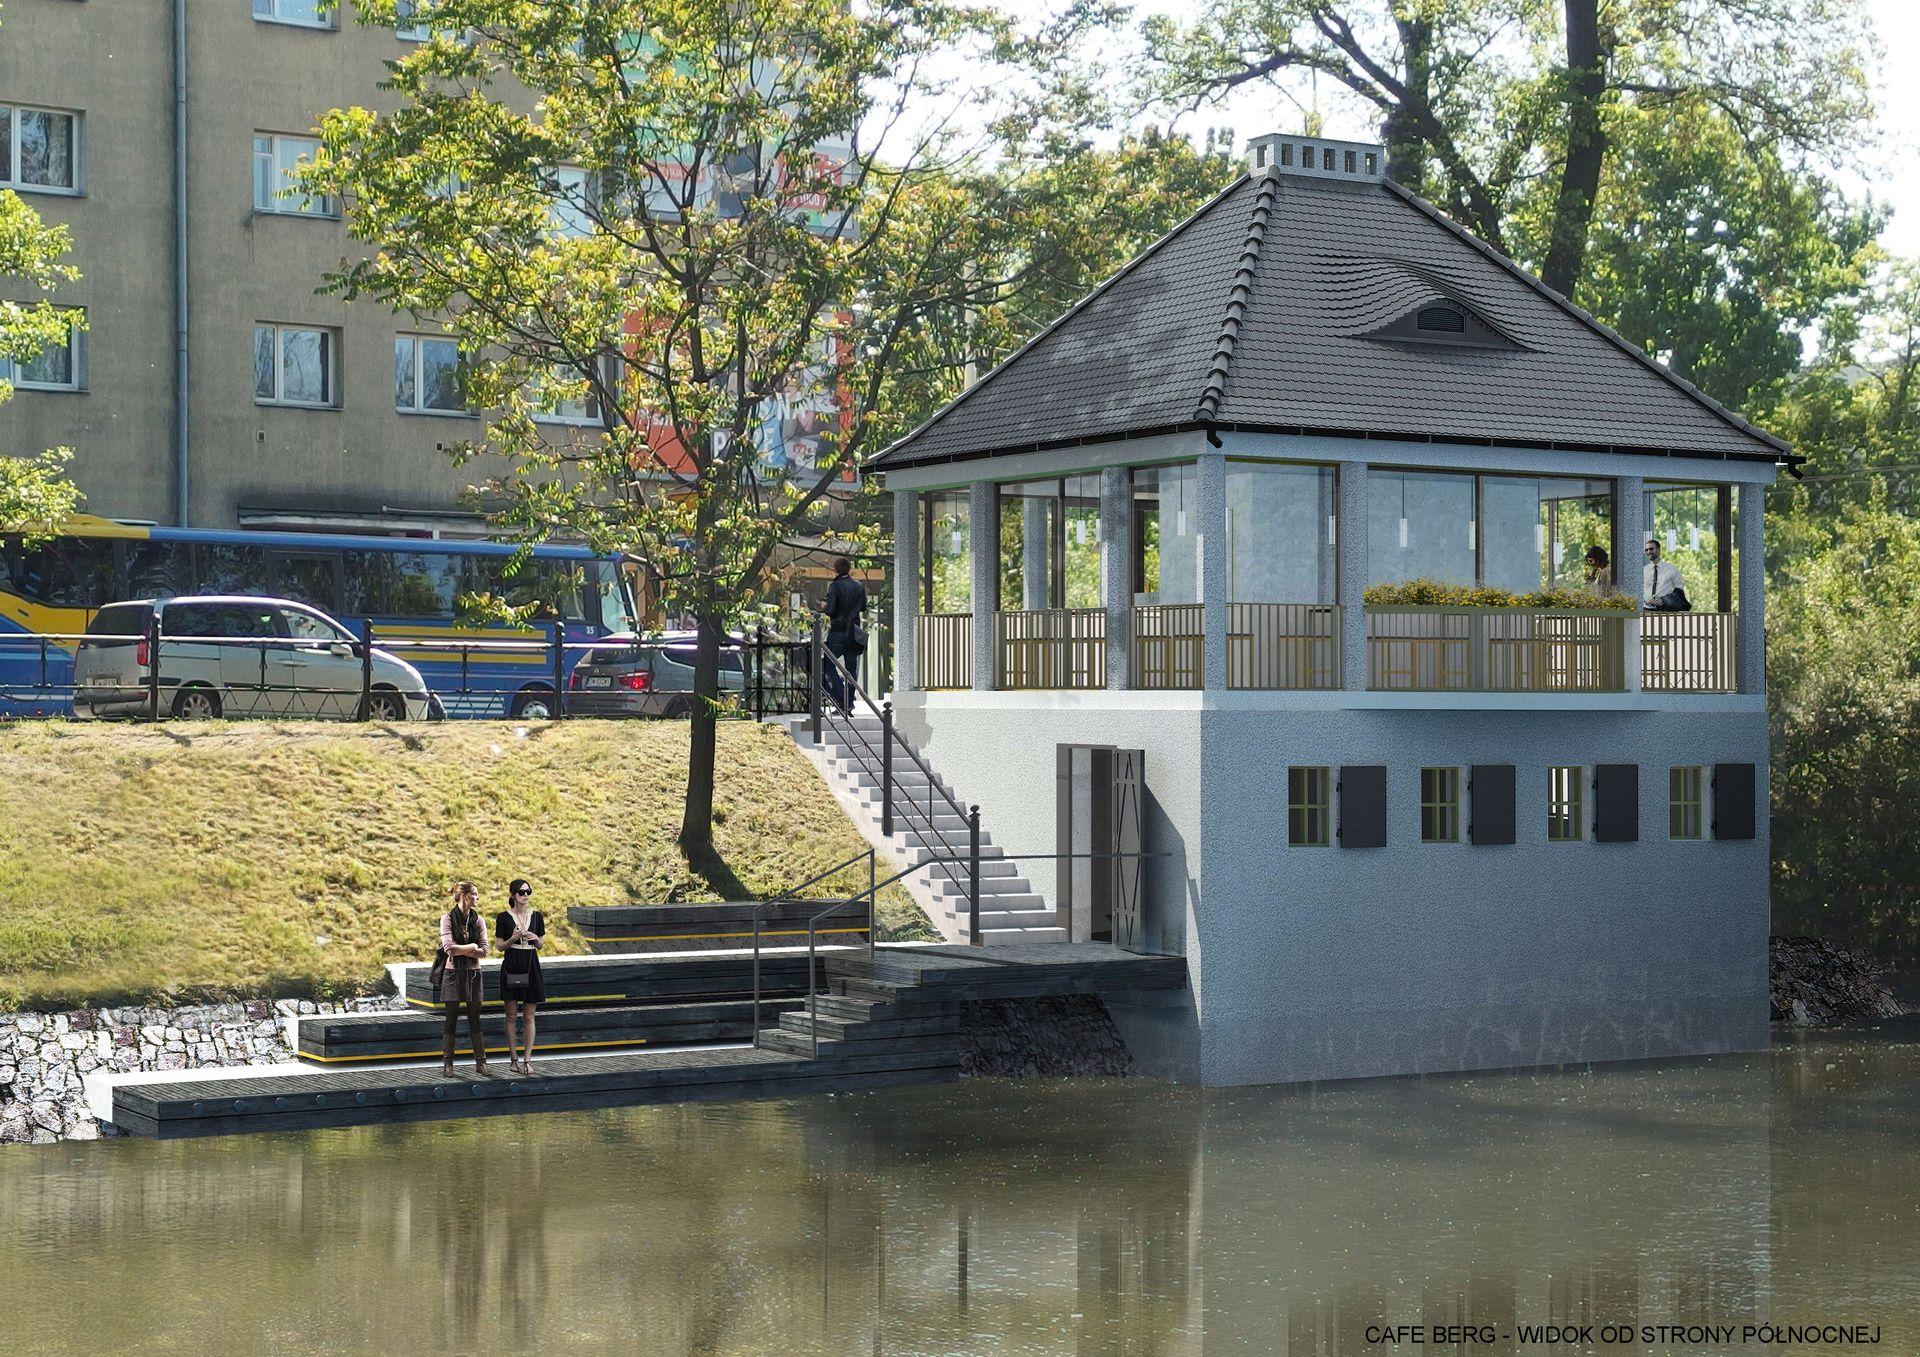 Wrocław: Cafe Berg – miasto wraca po roku do rewitalizacji zabytkowego domku przy Wzgórzu Partyzantów